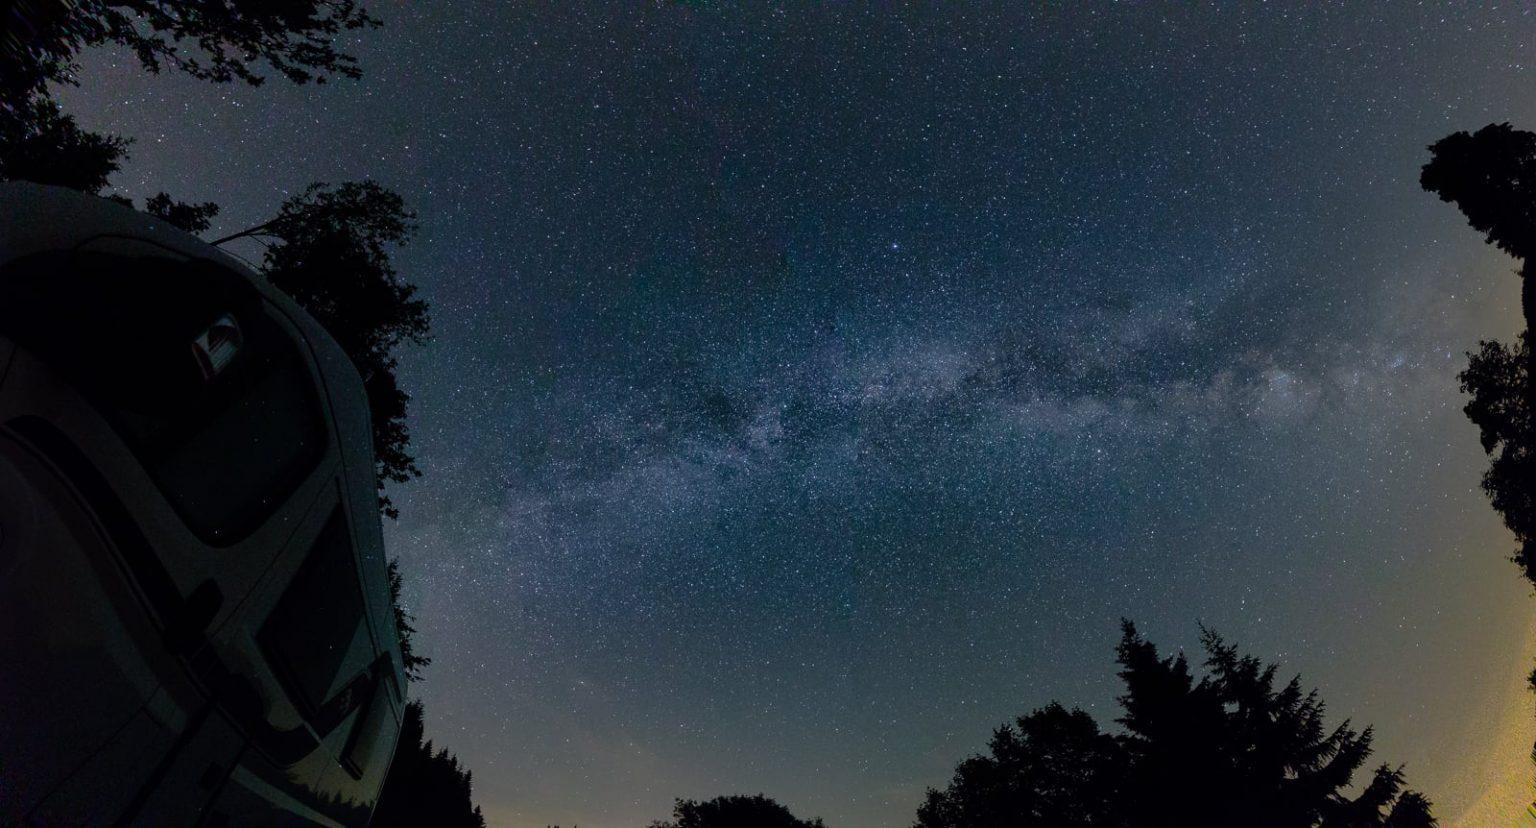 Milchstraßenpanorama schräg nach oben im Schwarzwald